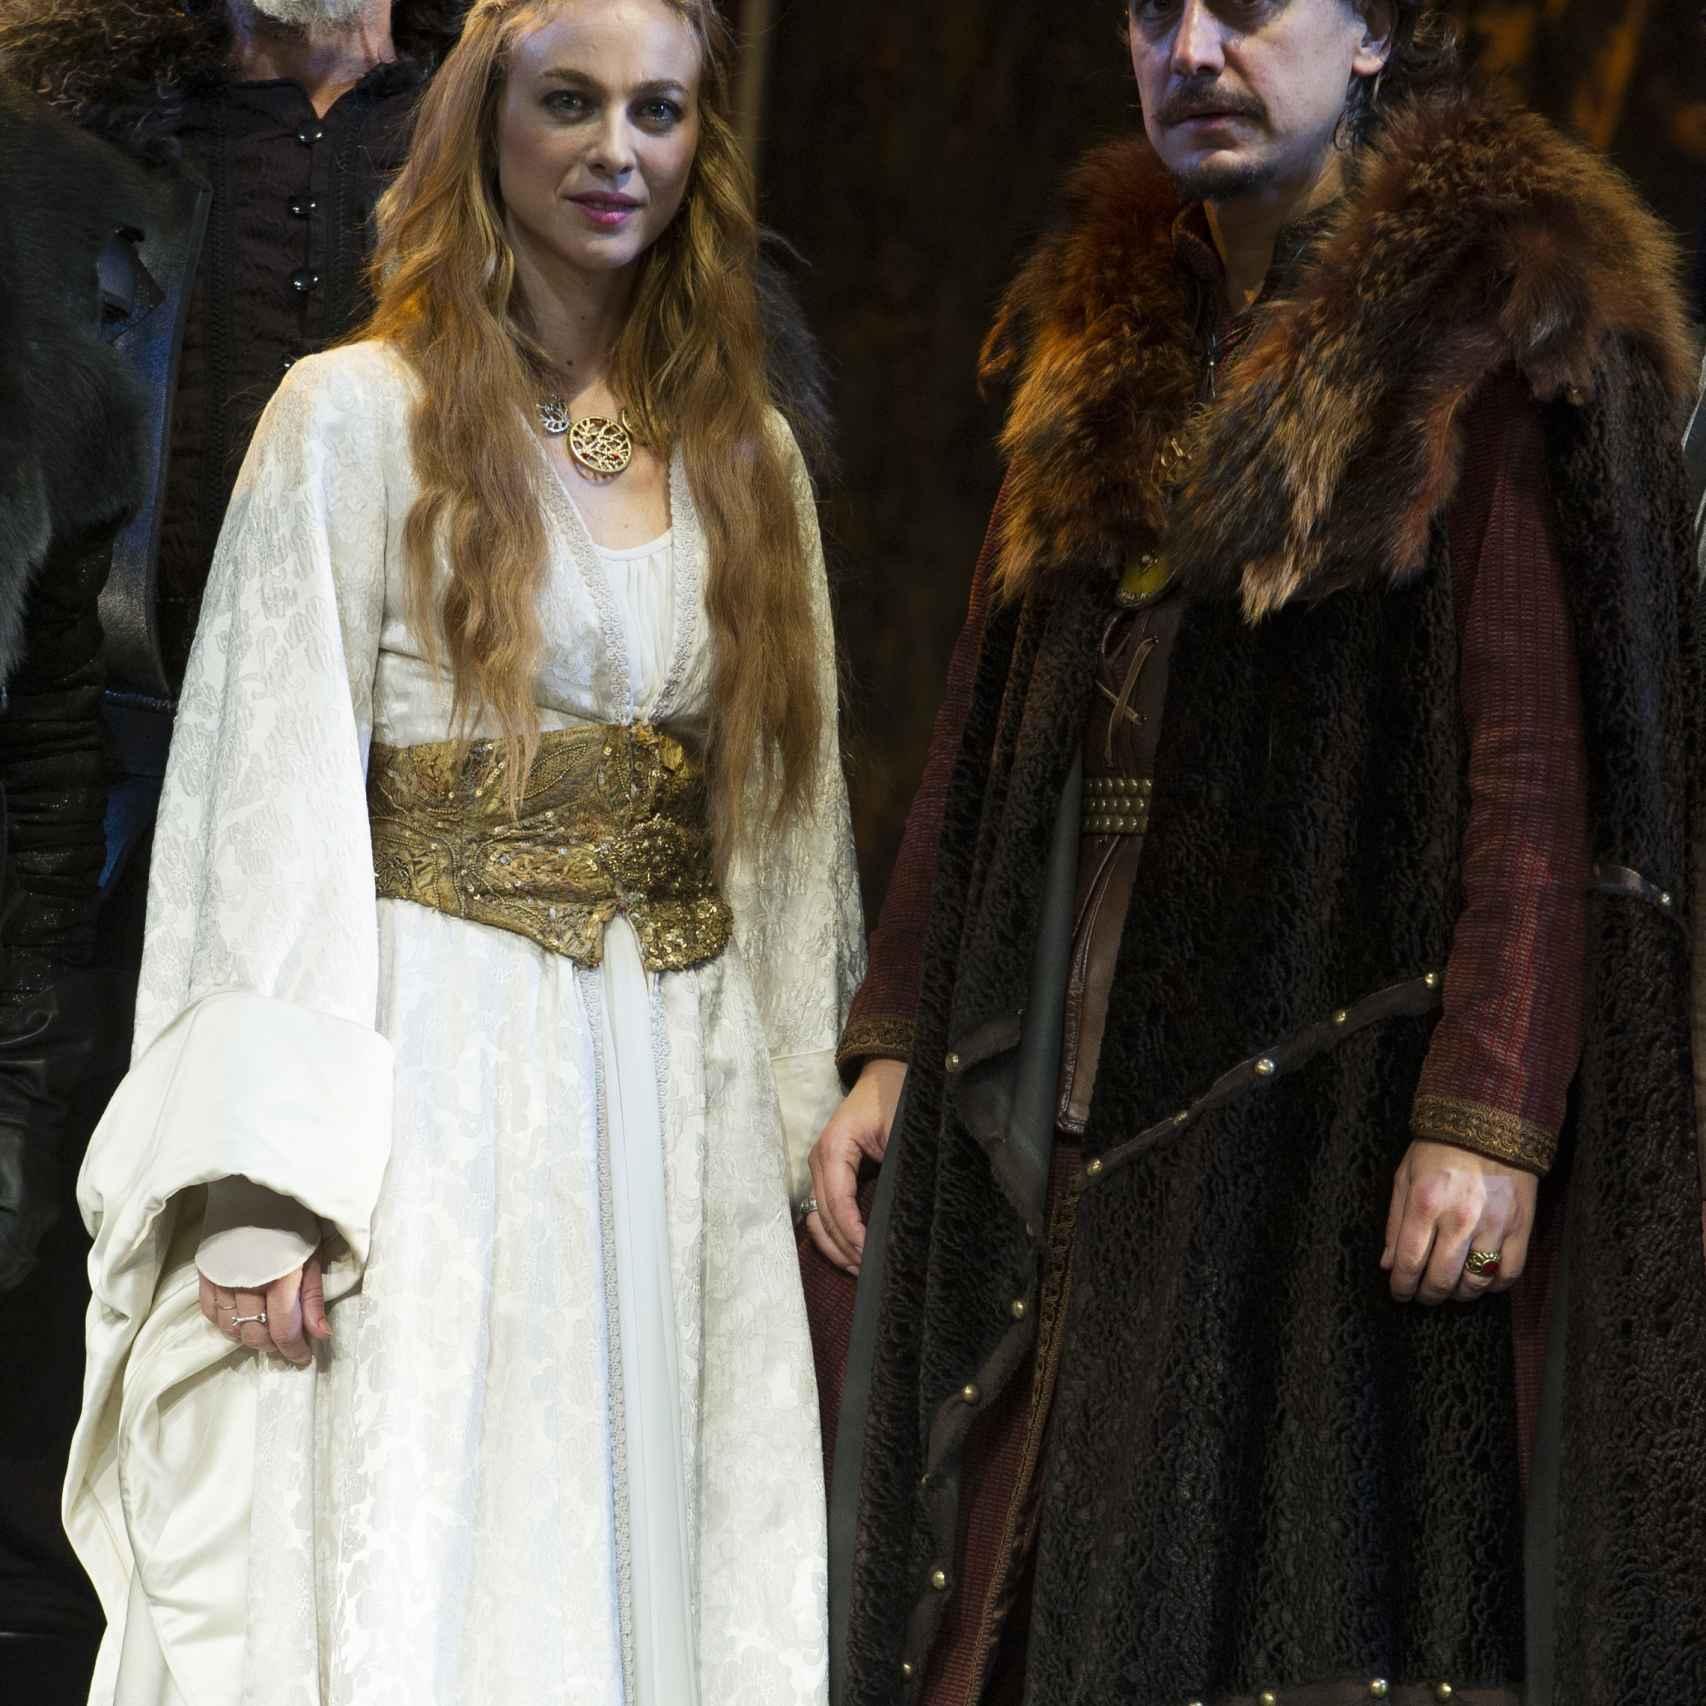 Marta y Javier compartieron protagonismo en el escenario en la obra El caballero de Olmedo.